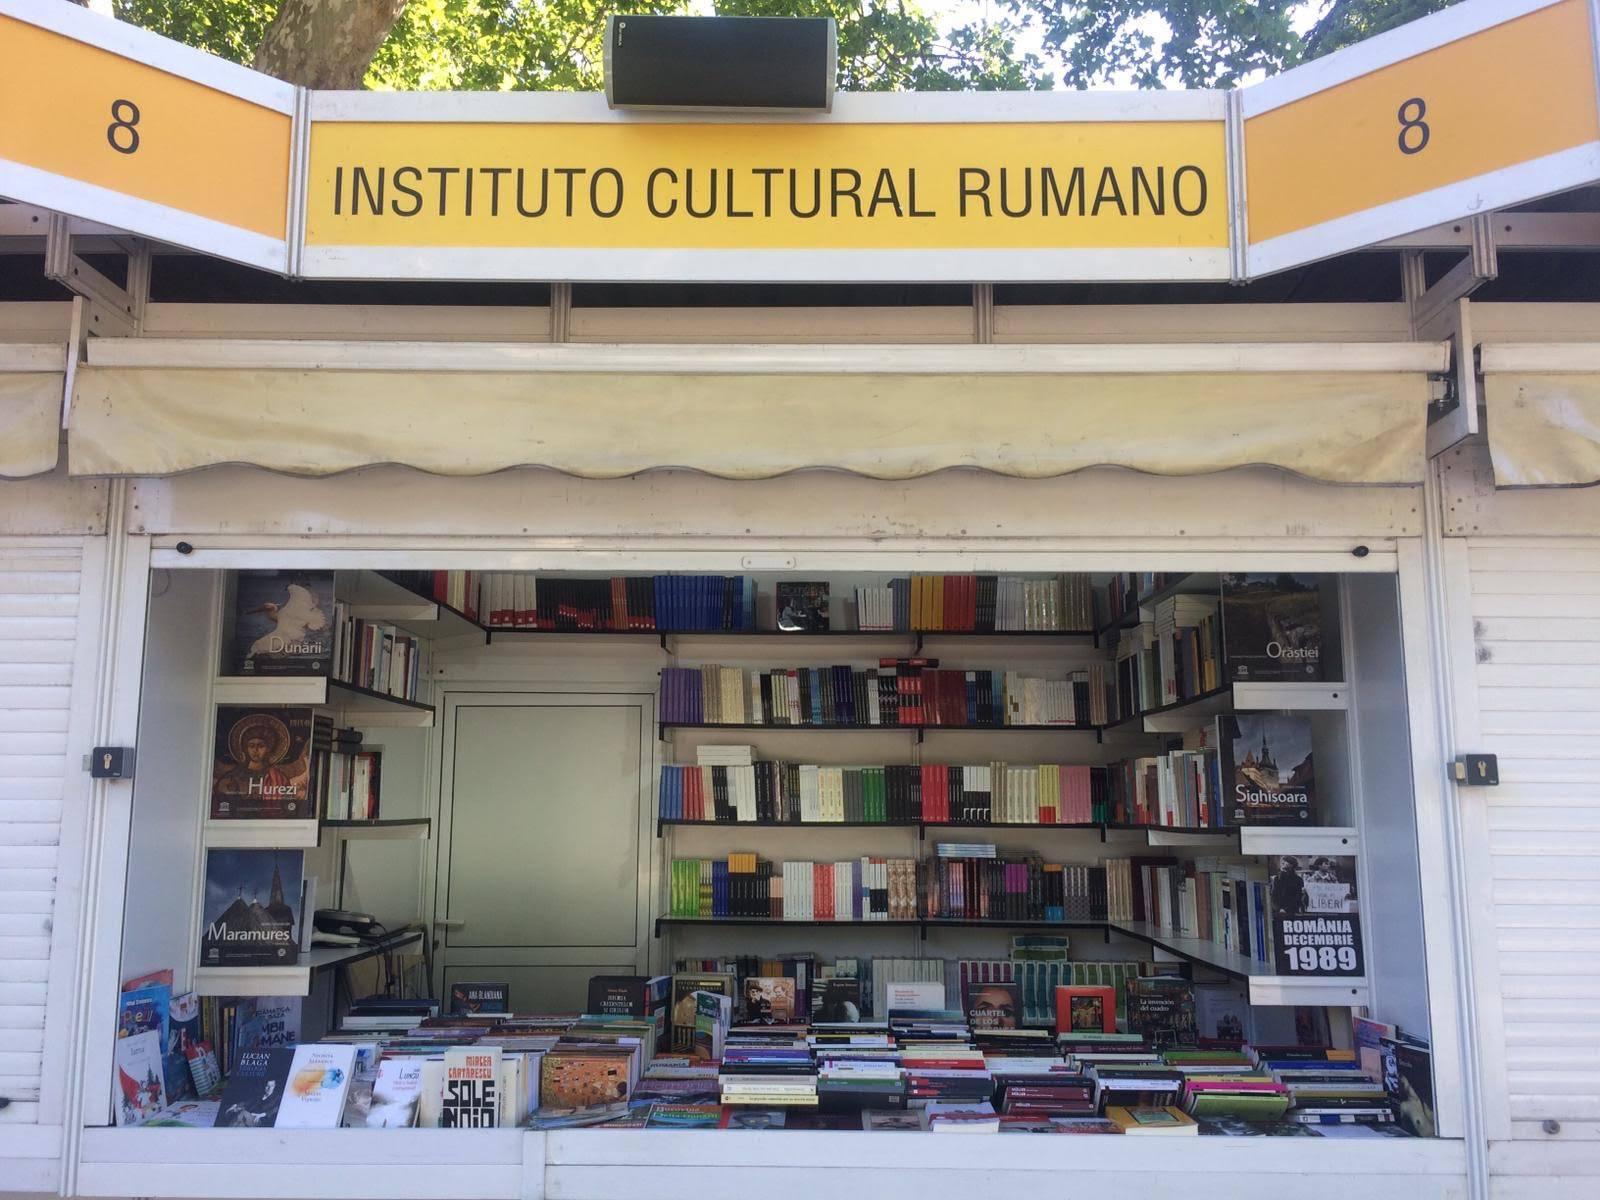 actos-organizados-por-el-instituto-cultural-rumano-de-madrid-